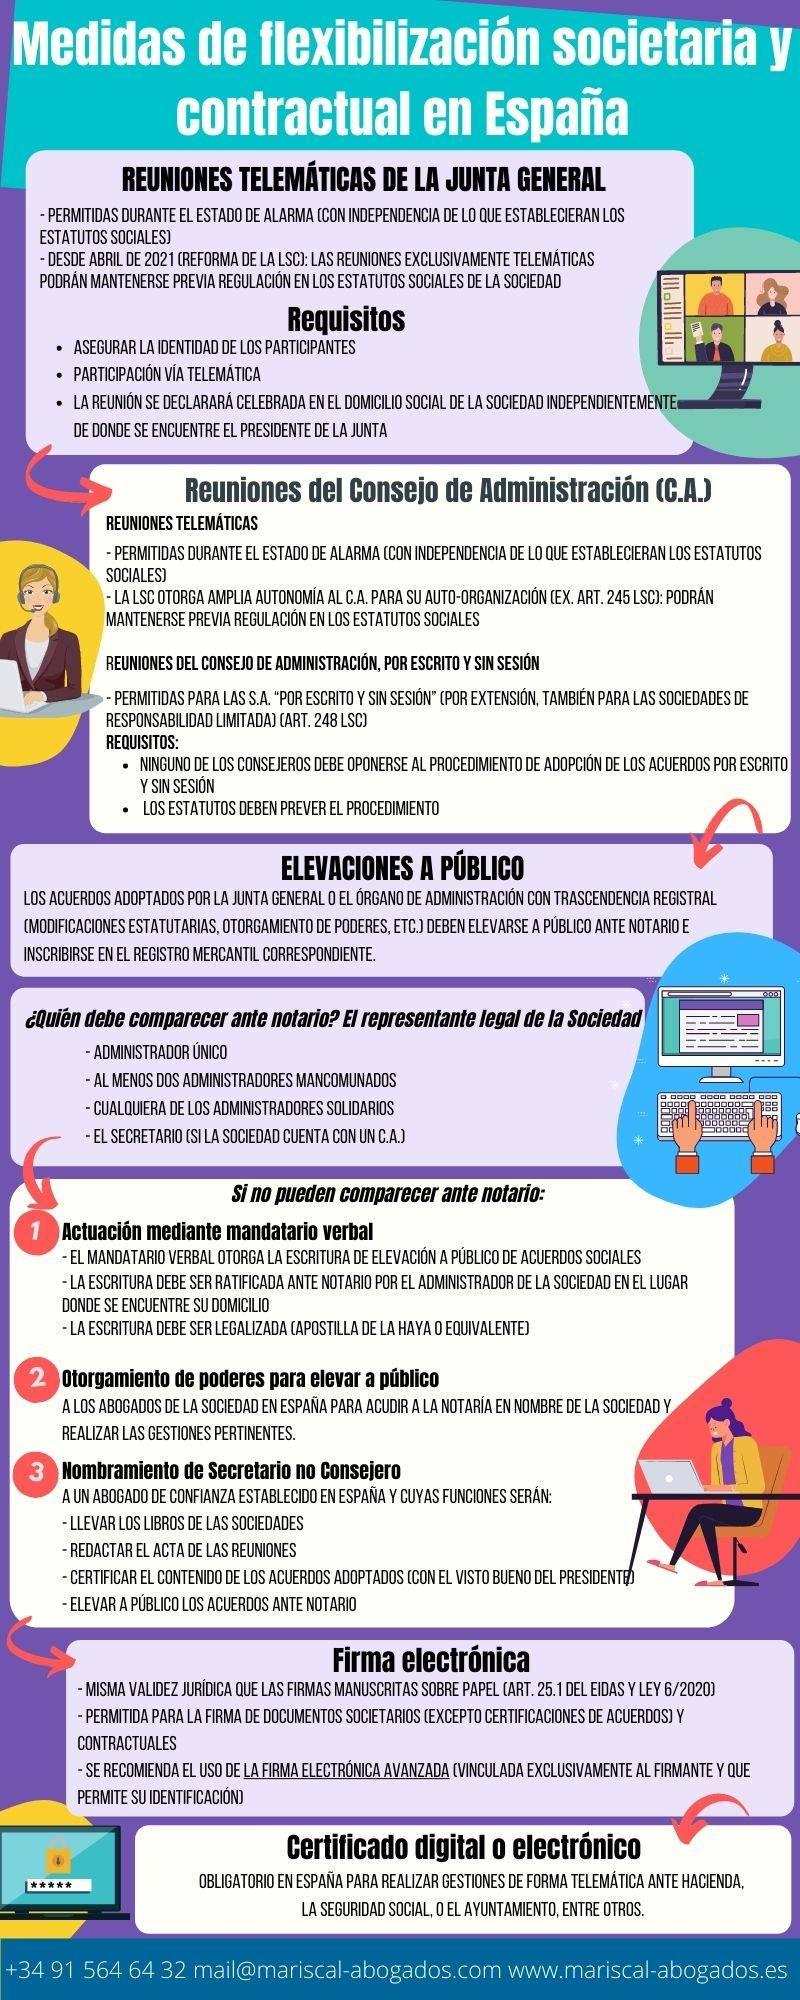 Medidas de flexibilización societaria en España